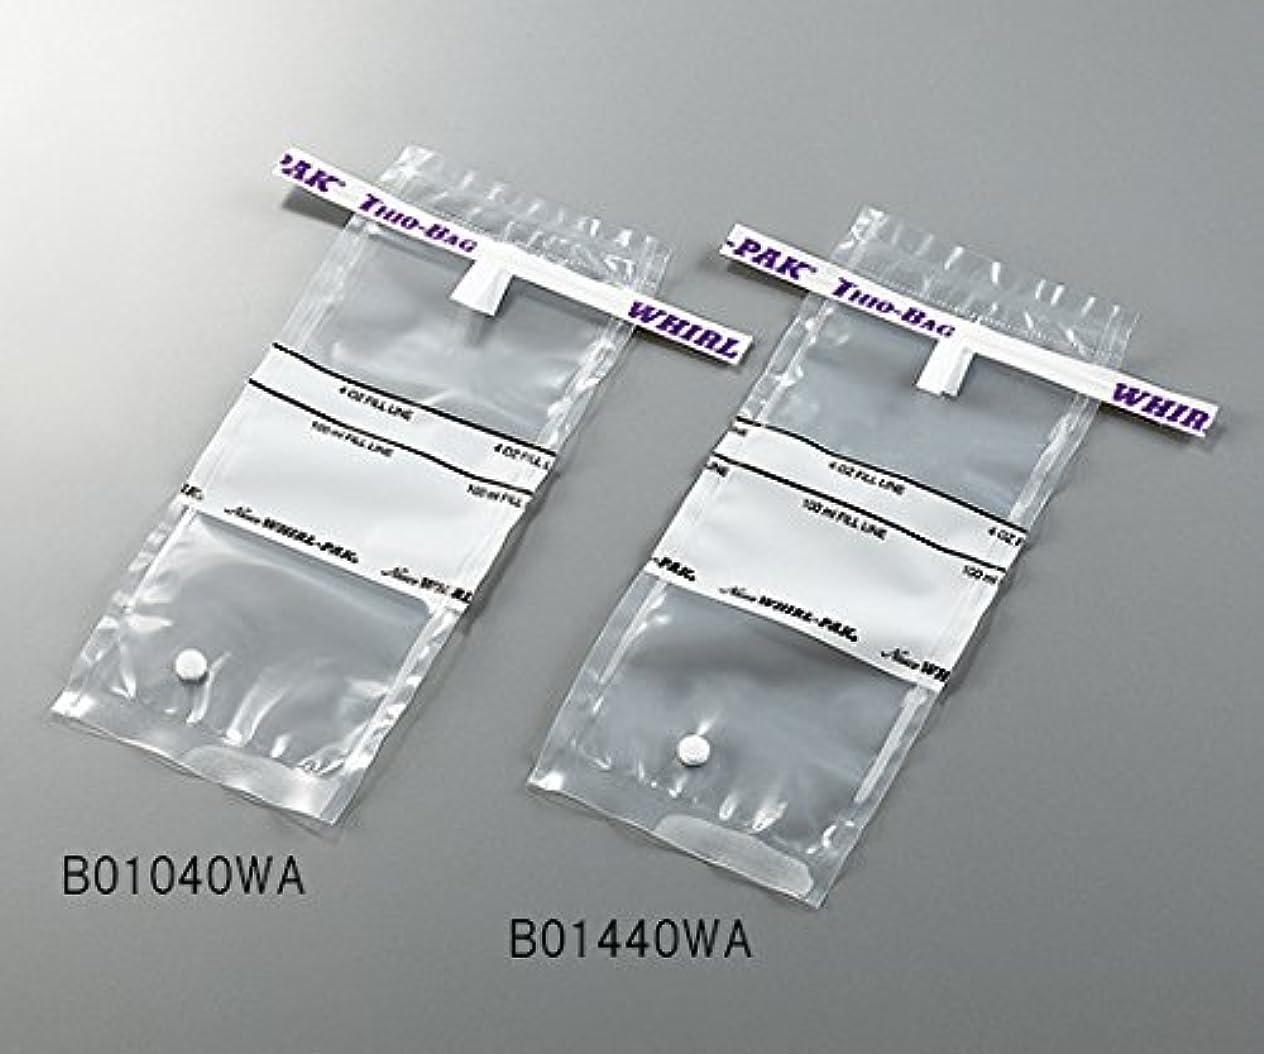 思い出洞察力のあるエージェント3-5414-01採水用サンプリングバッグ100mLチオ硫酸ナトリウム含有量10g